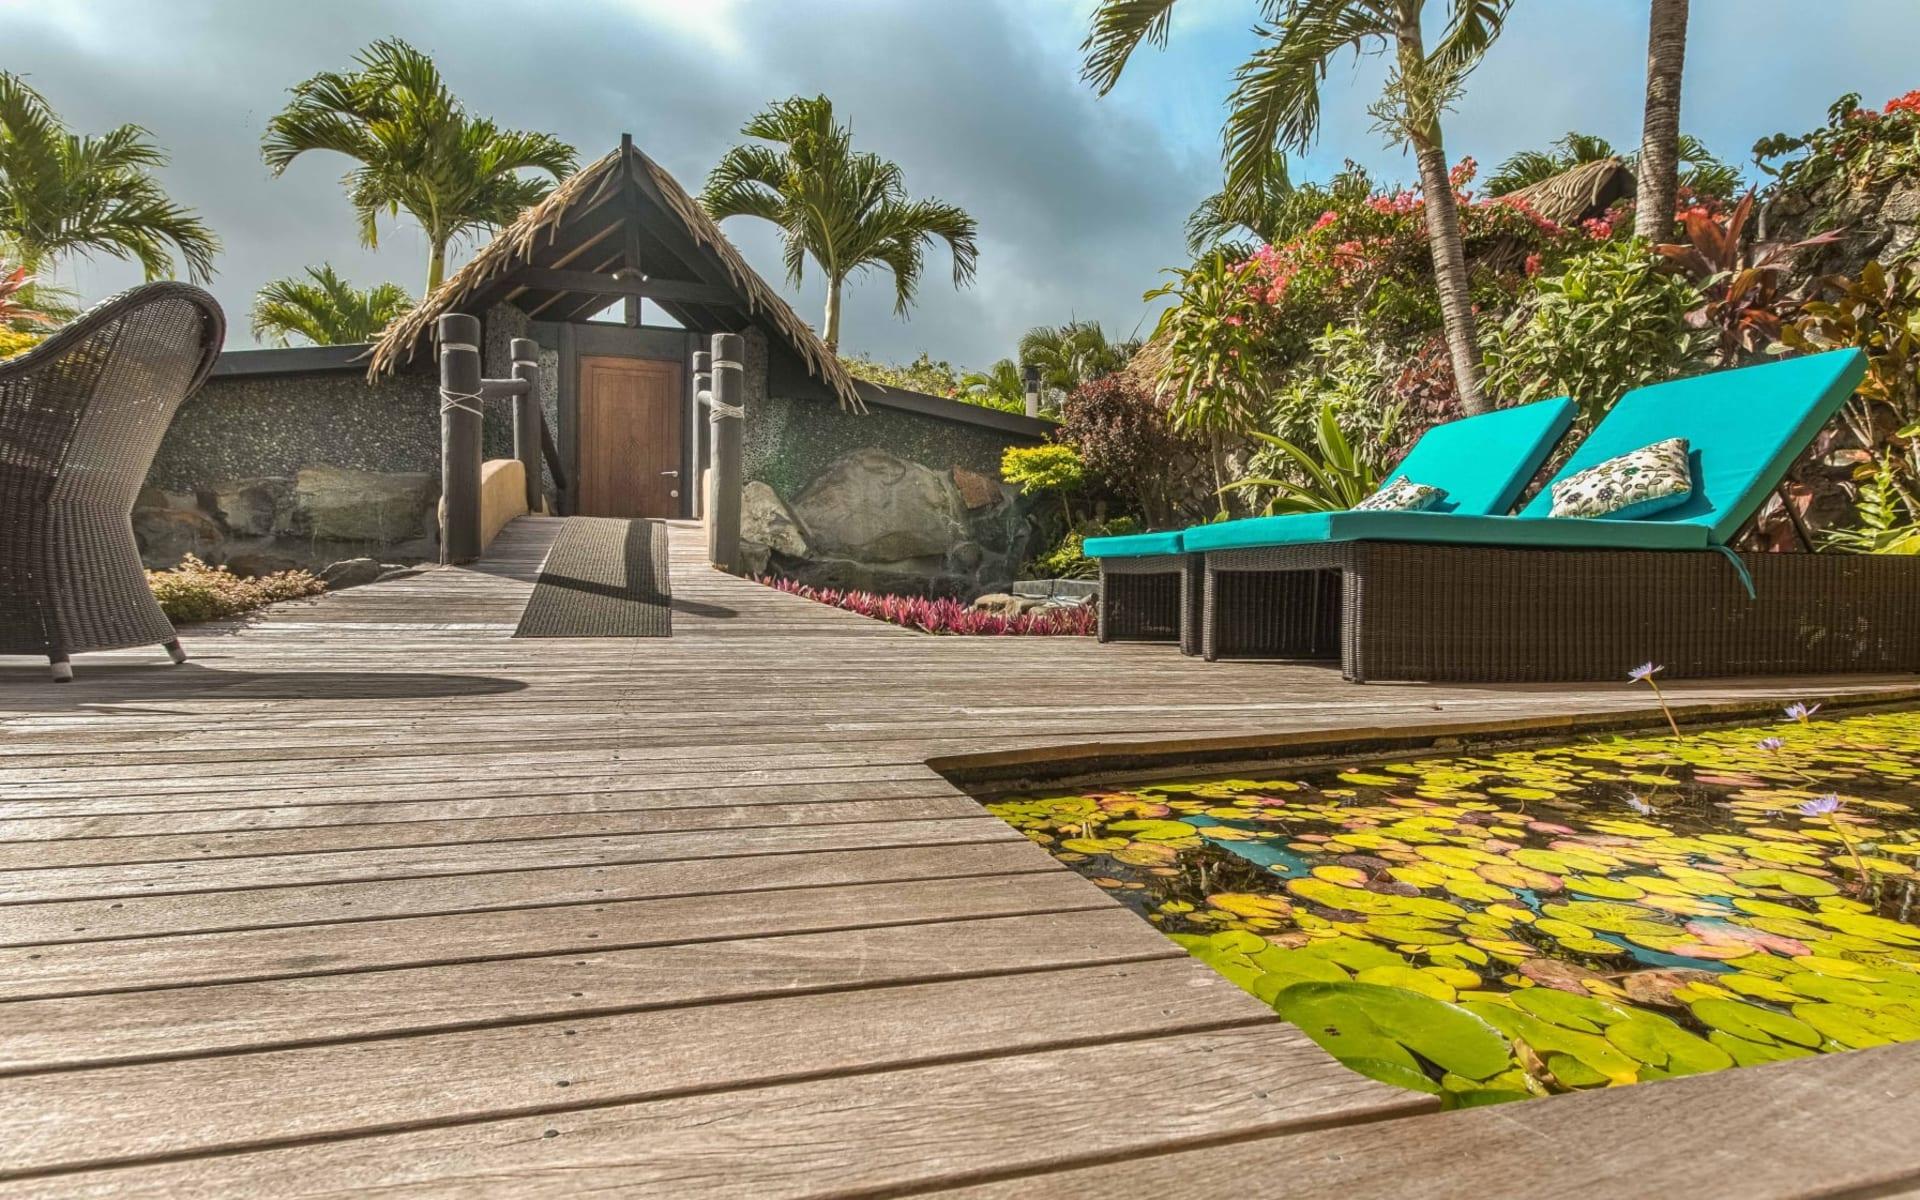 Rumours Luxury Villas and Spa in Rarotonga: Rumours-Luxury-Villas-Spa-Platinum-Deck